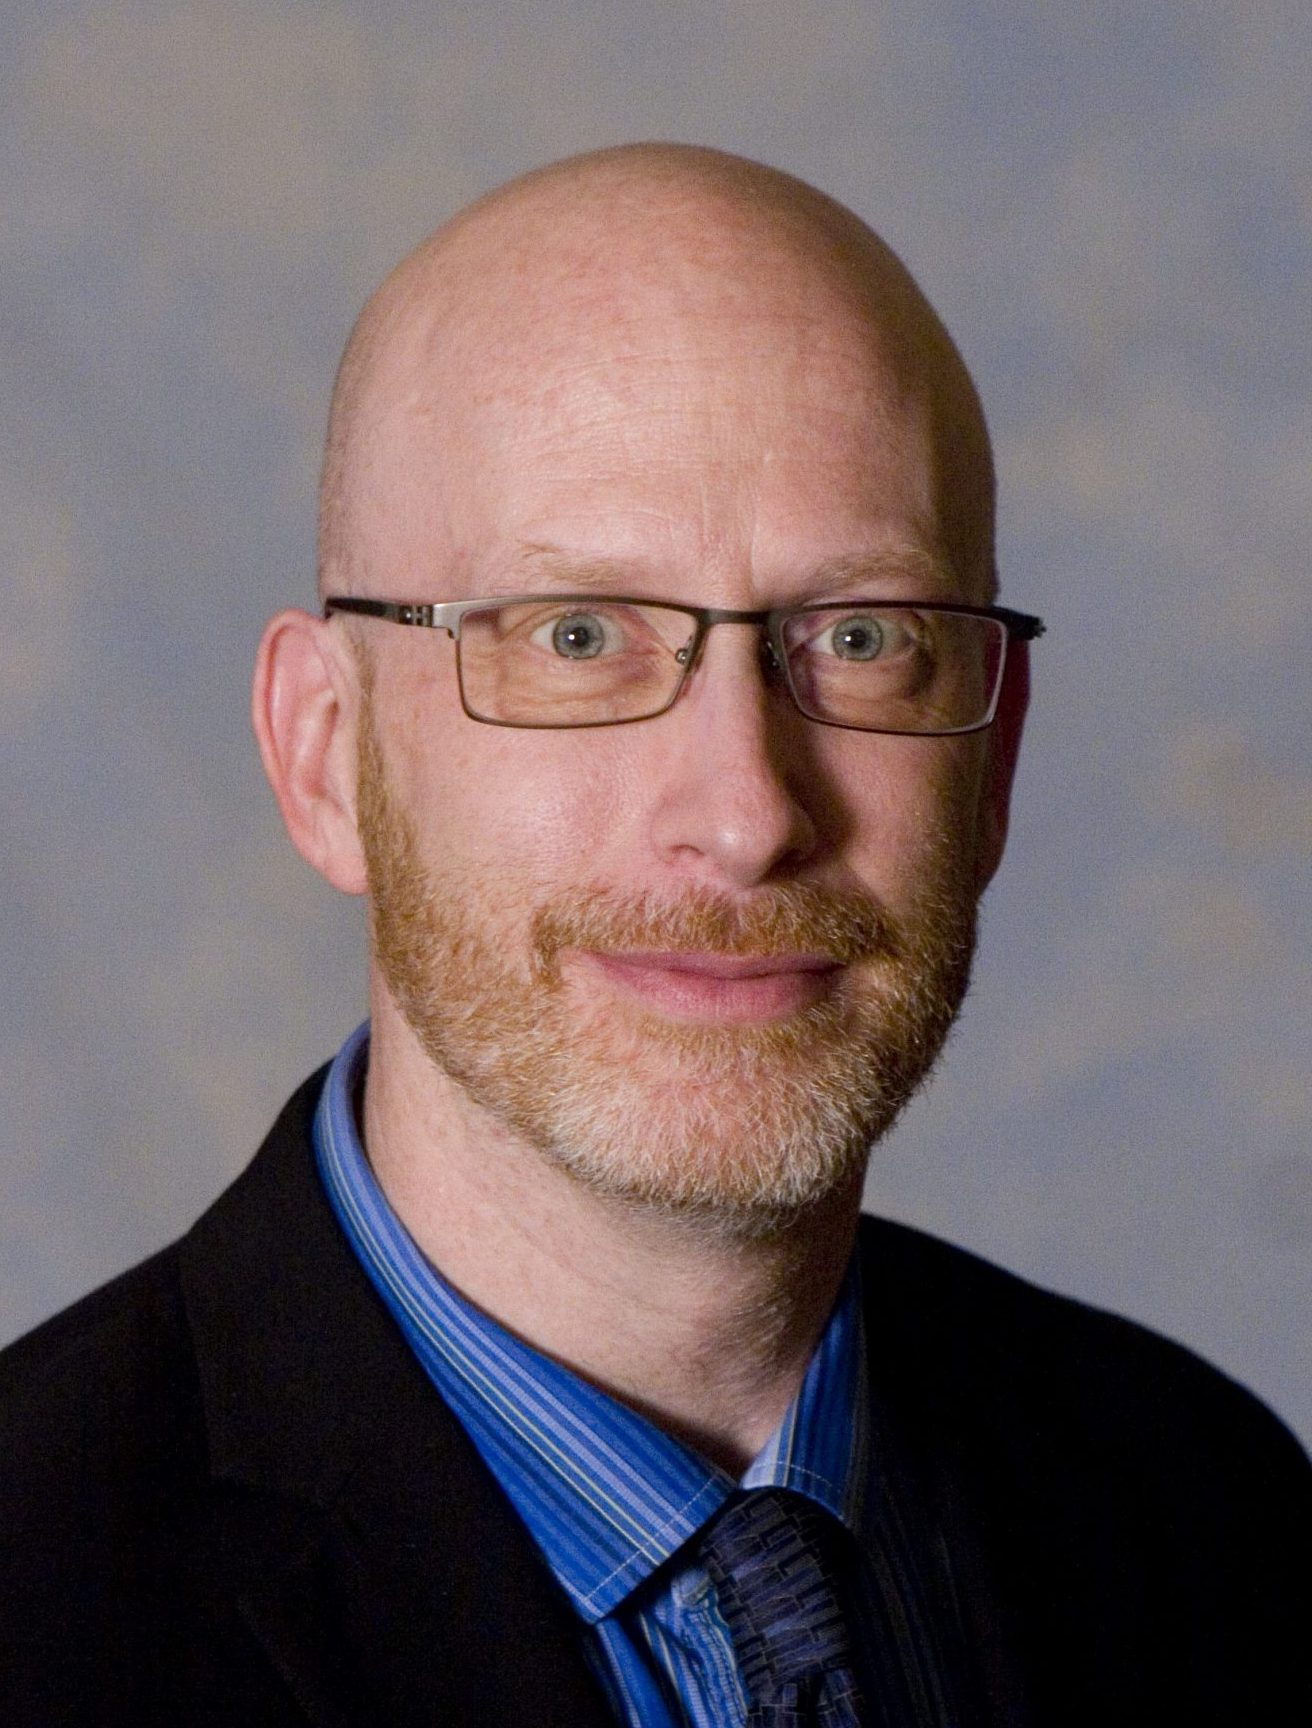 headshot of Craig Stark, PhD.